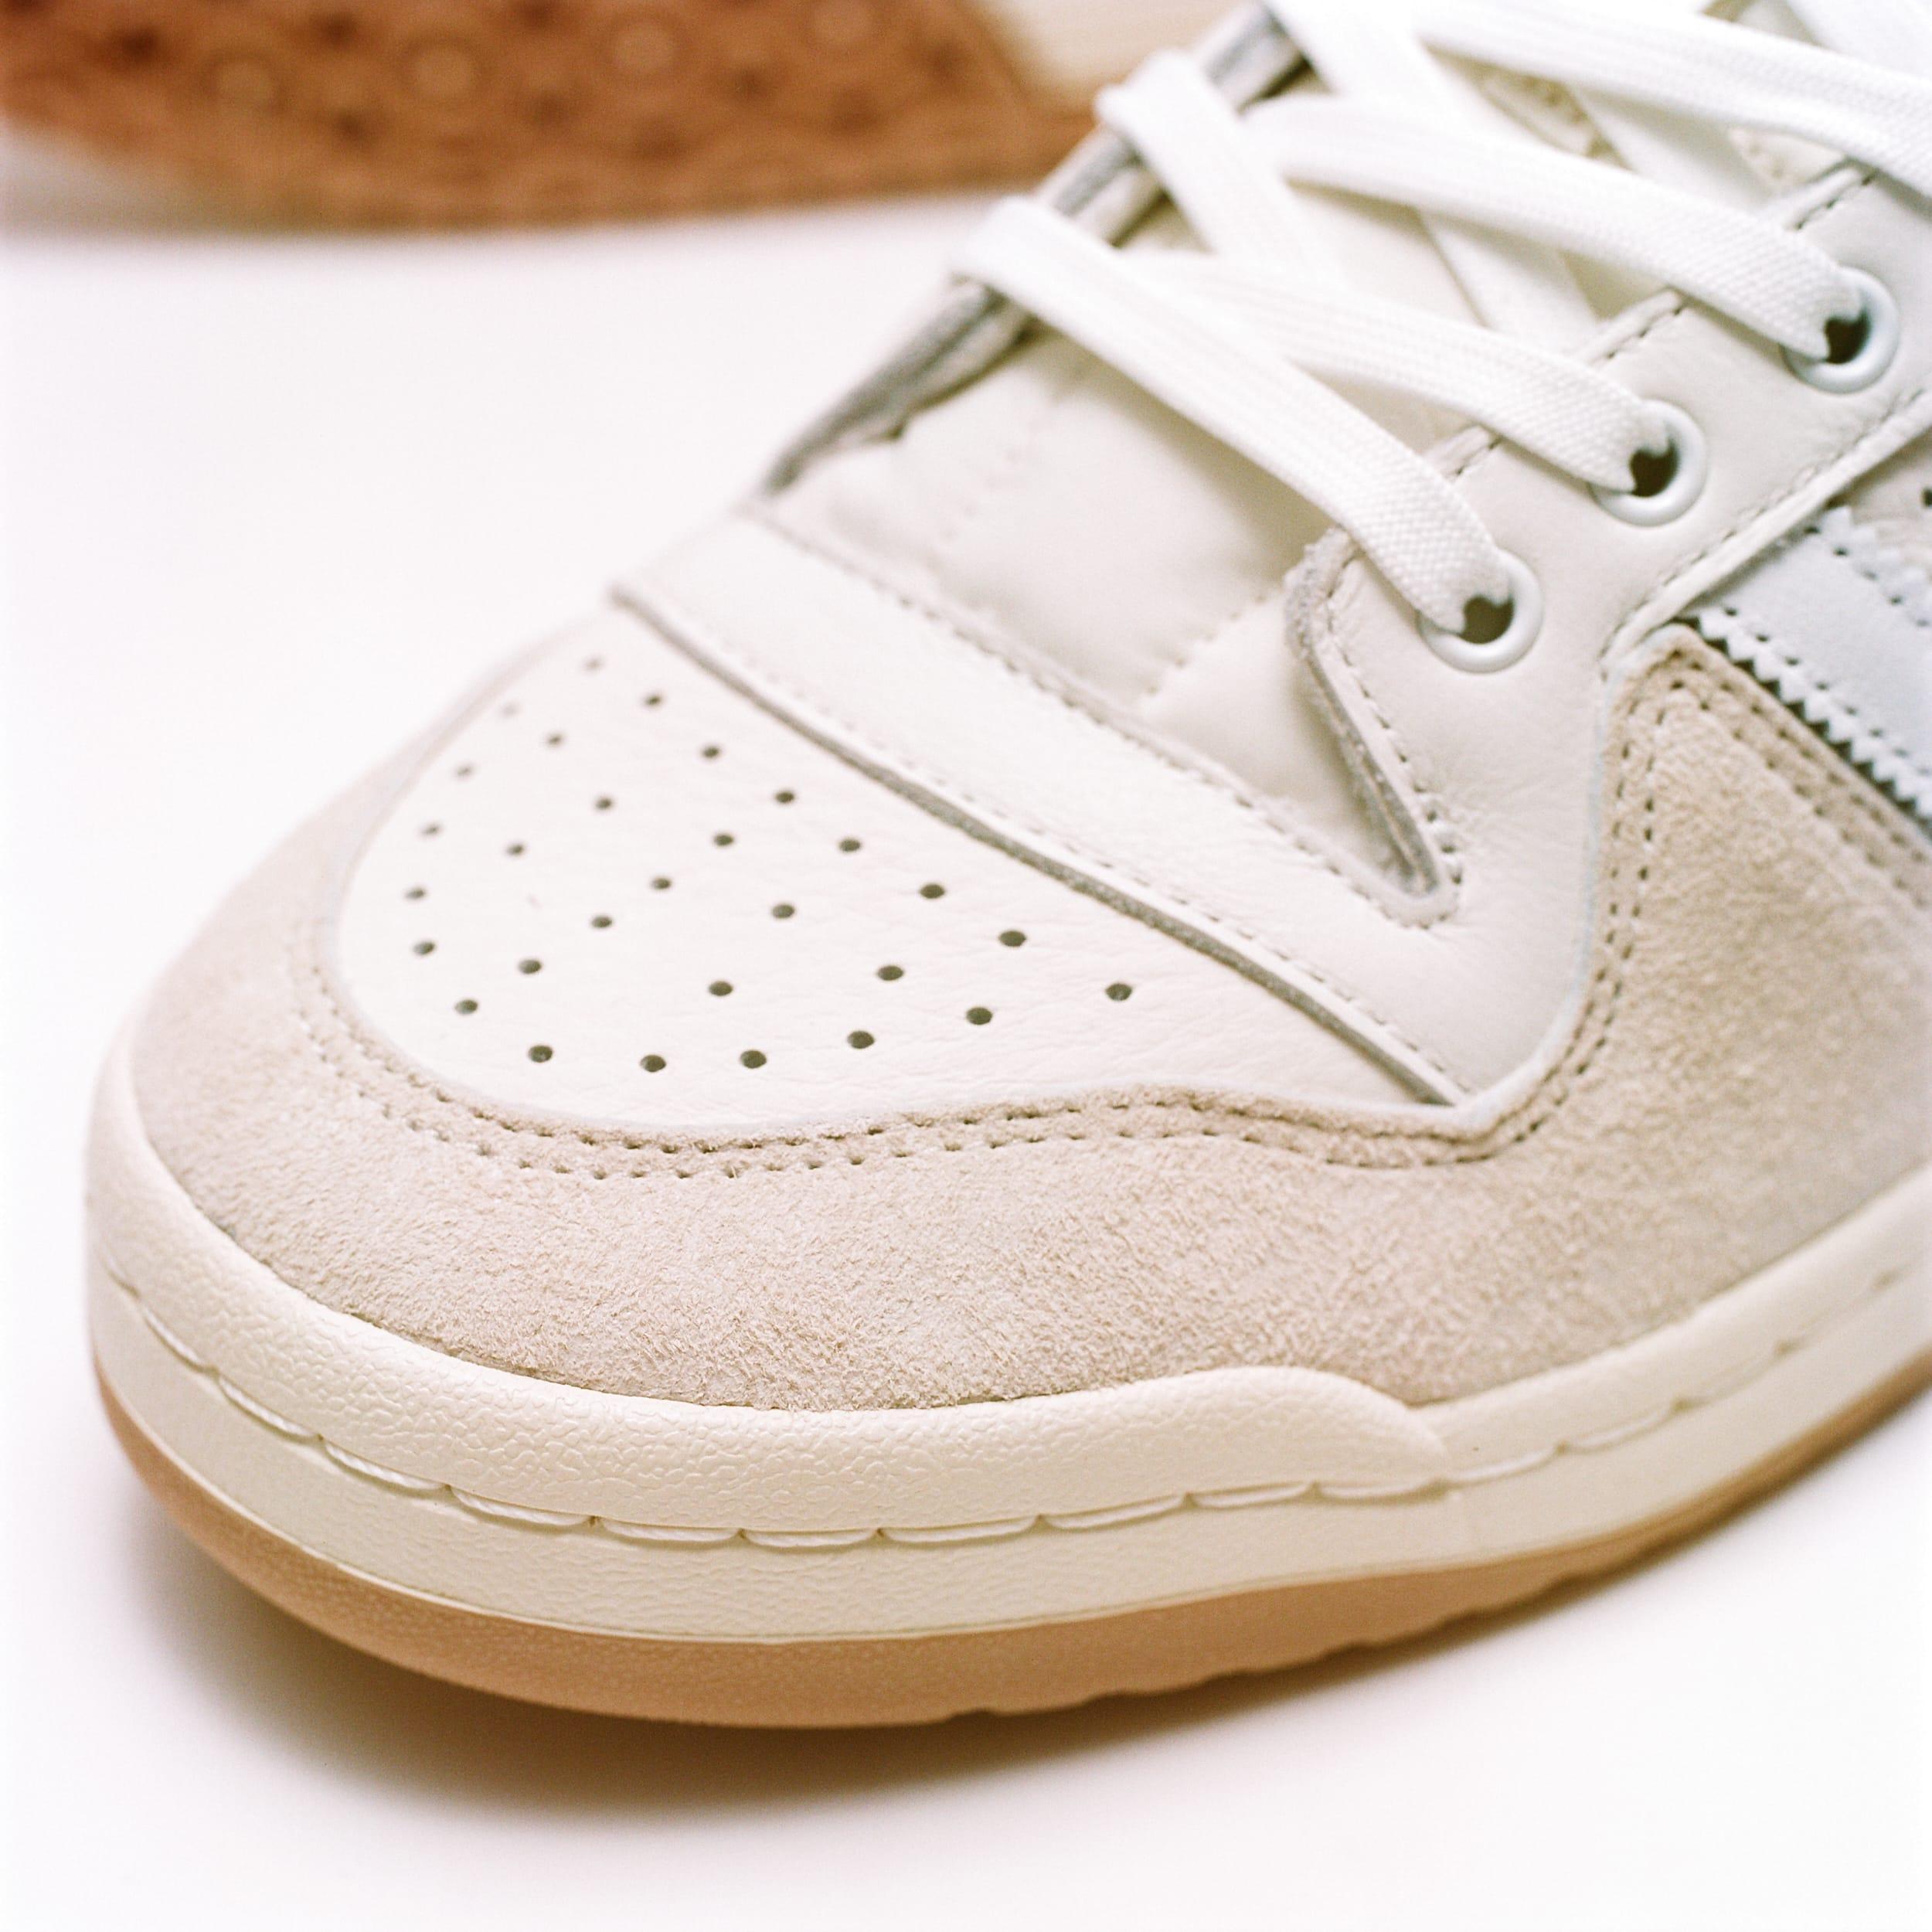 Adidas Forum 84 ADV White Toe